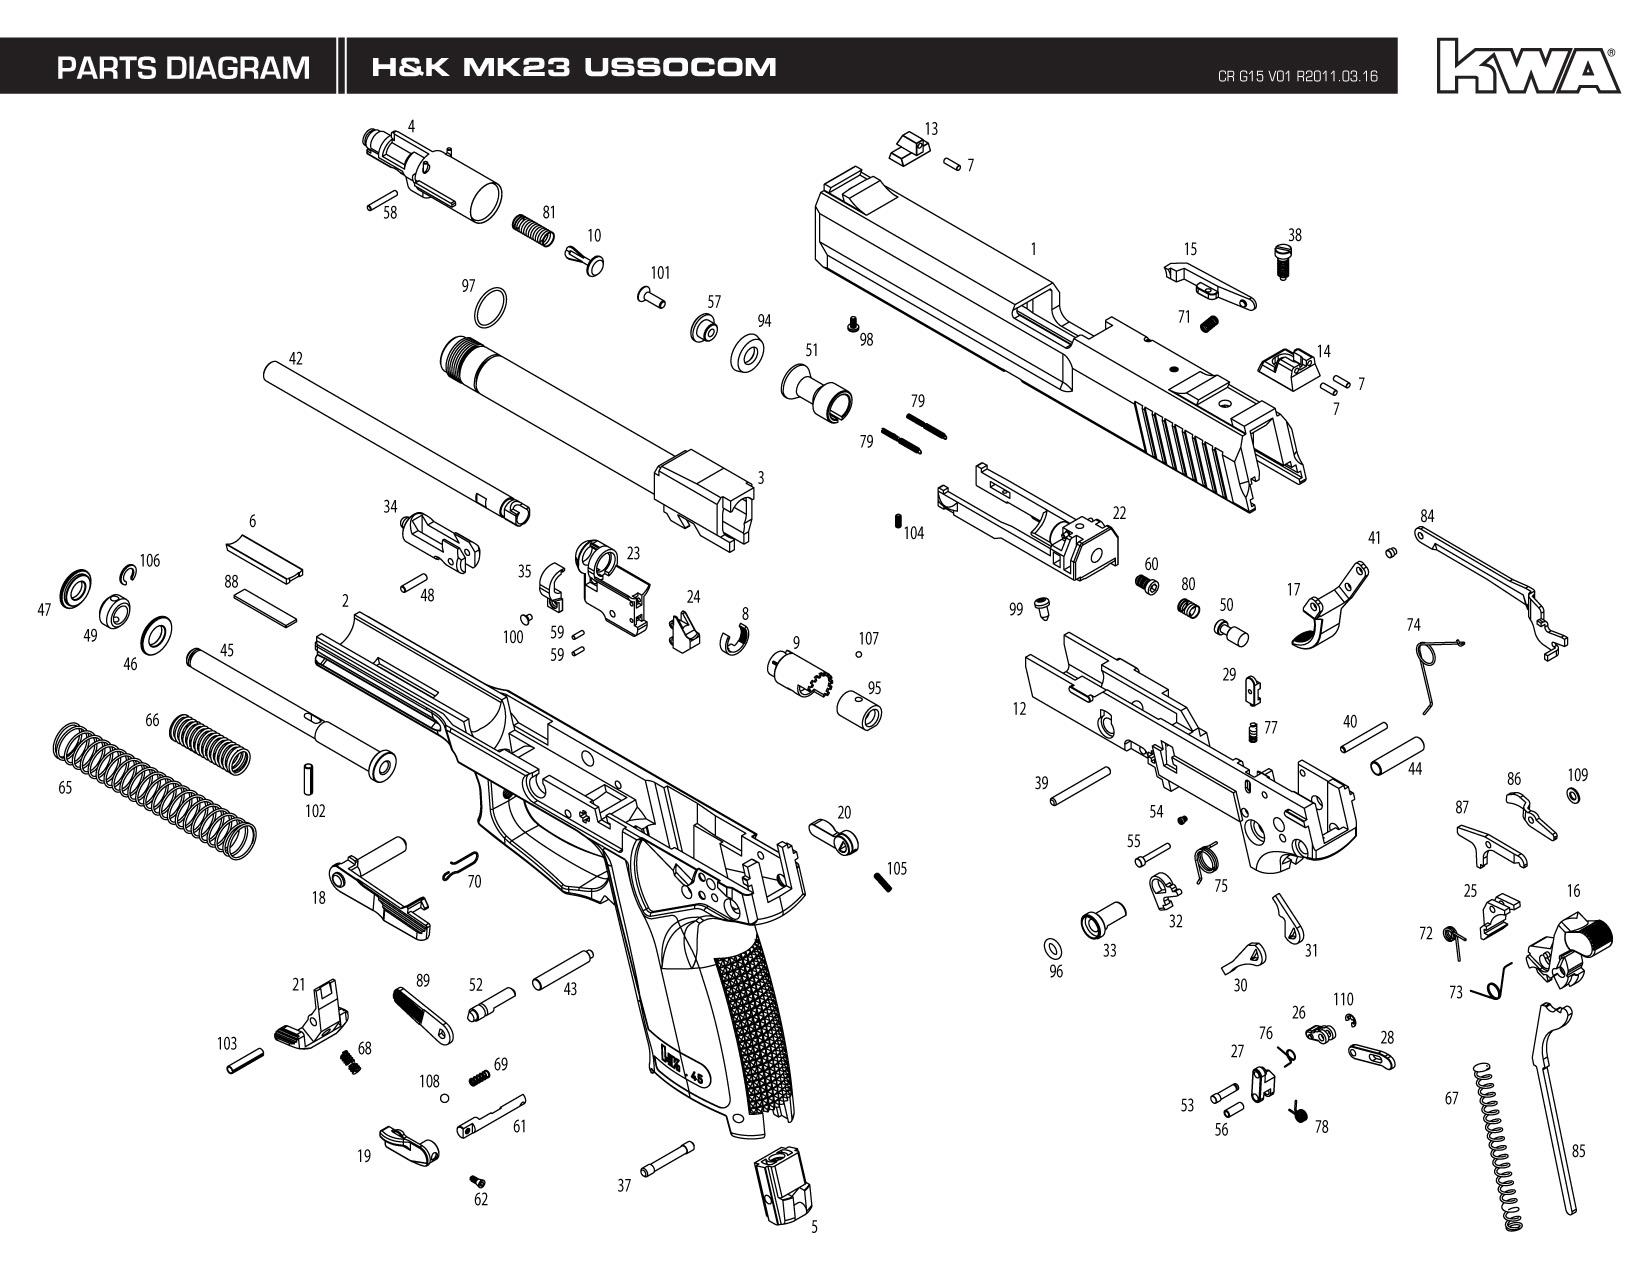 kwa gun manual h u0026k mk23